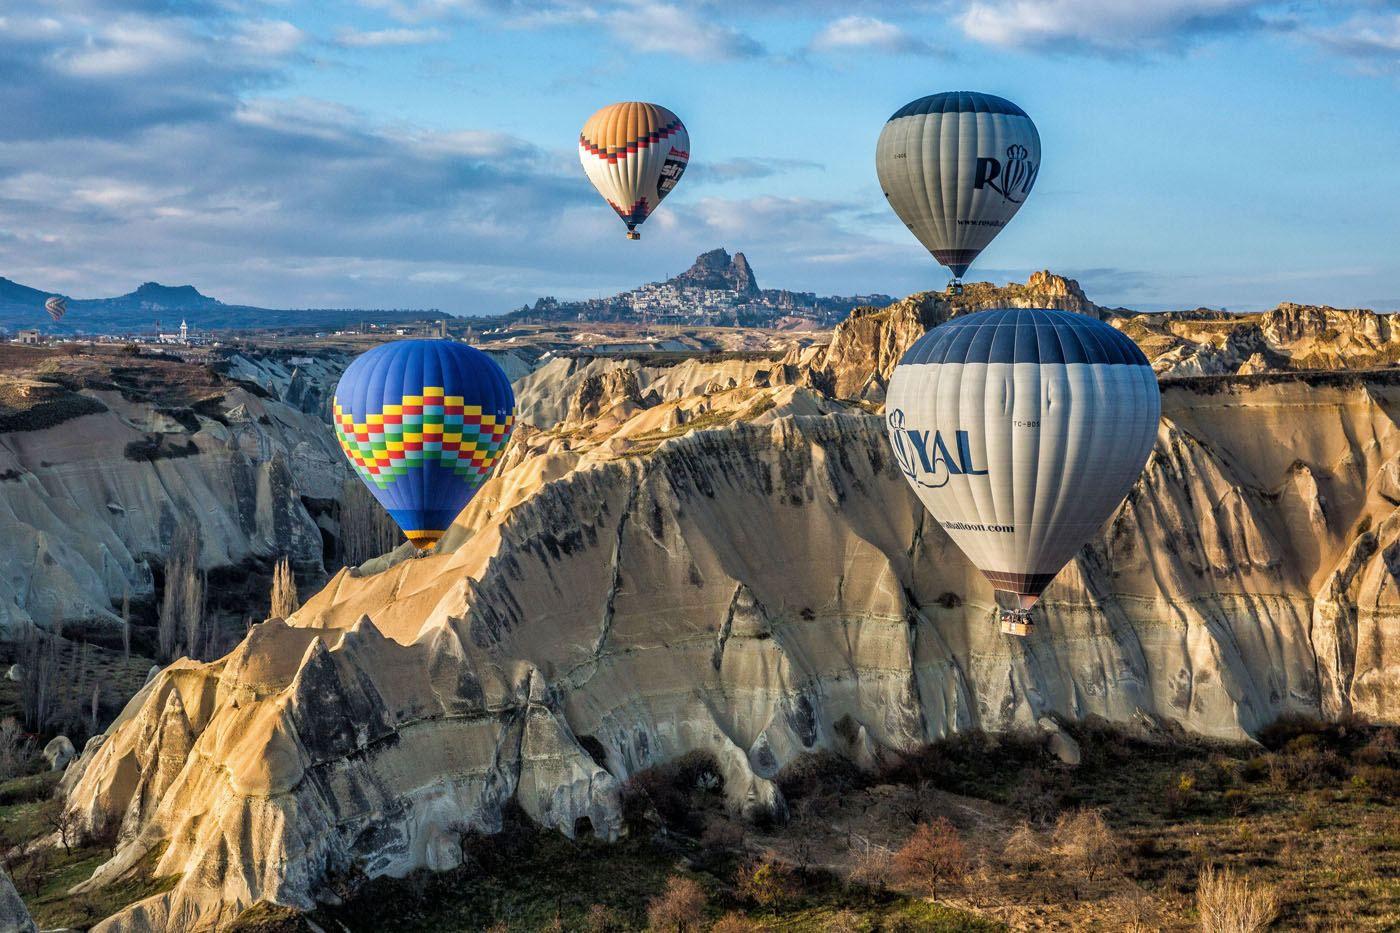 Cappadocia Balloons Love Valley